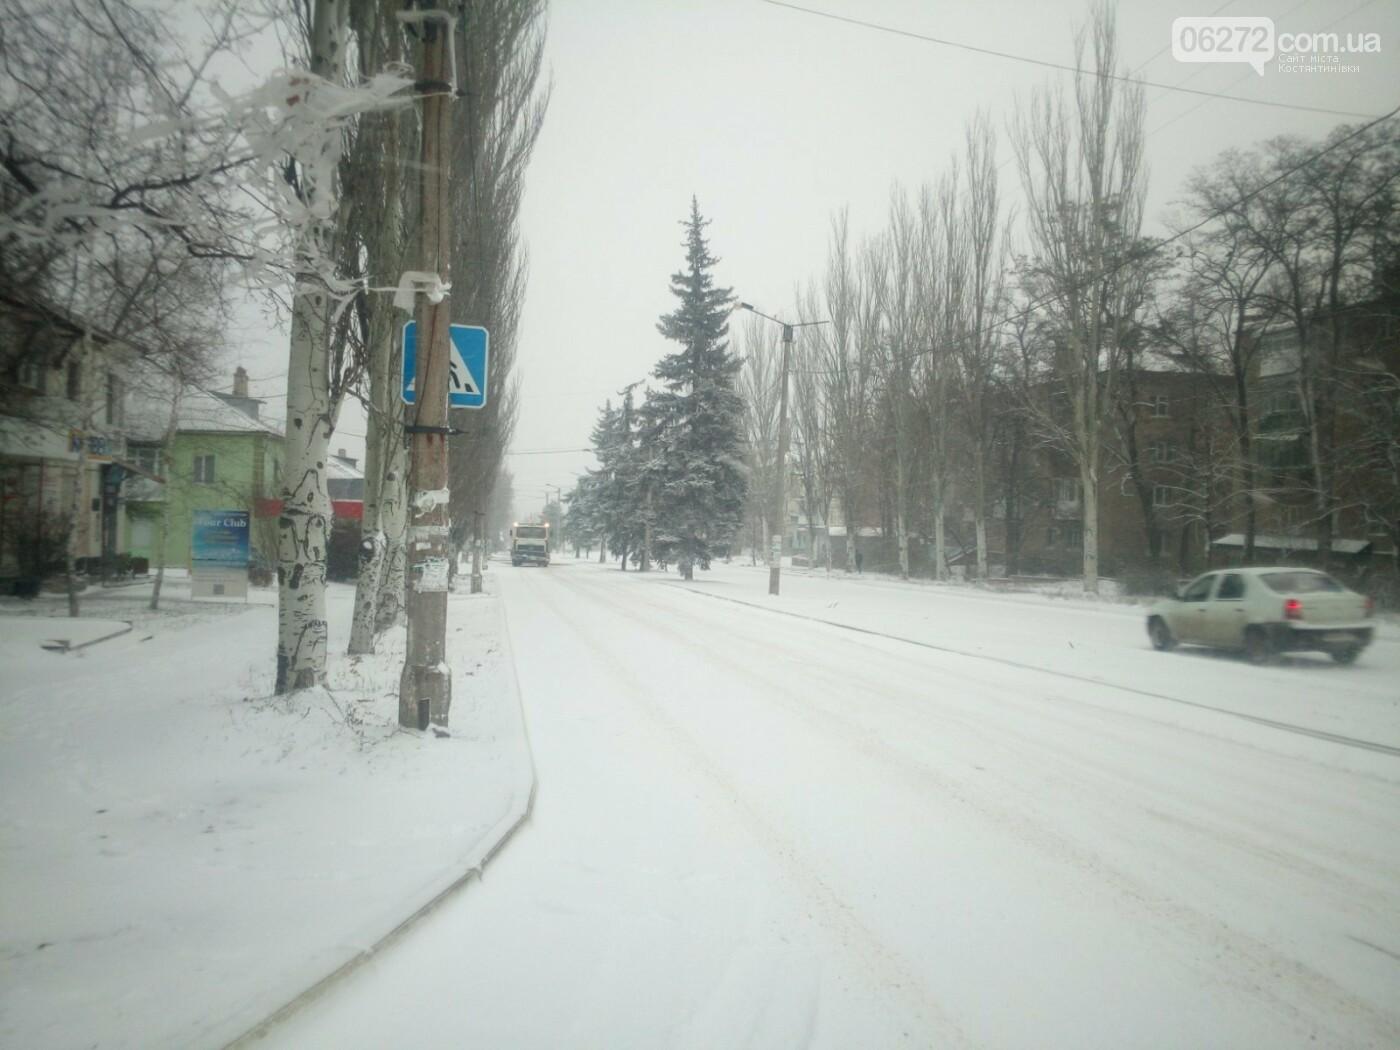 Ранок в Костянтинівці почався зі снігу. Чи готові комунальники до негоди (фотофакт), фото-1